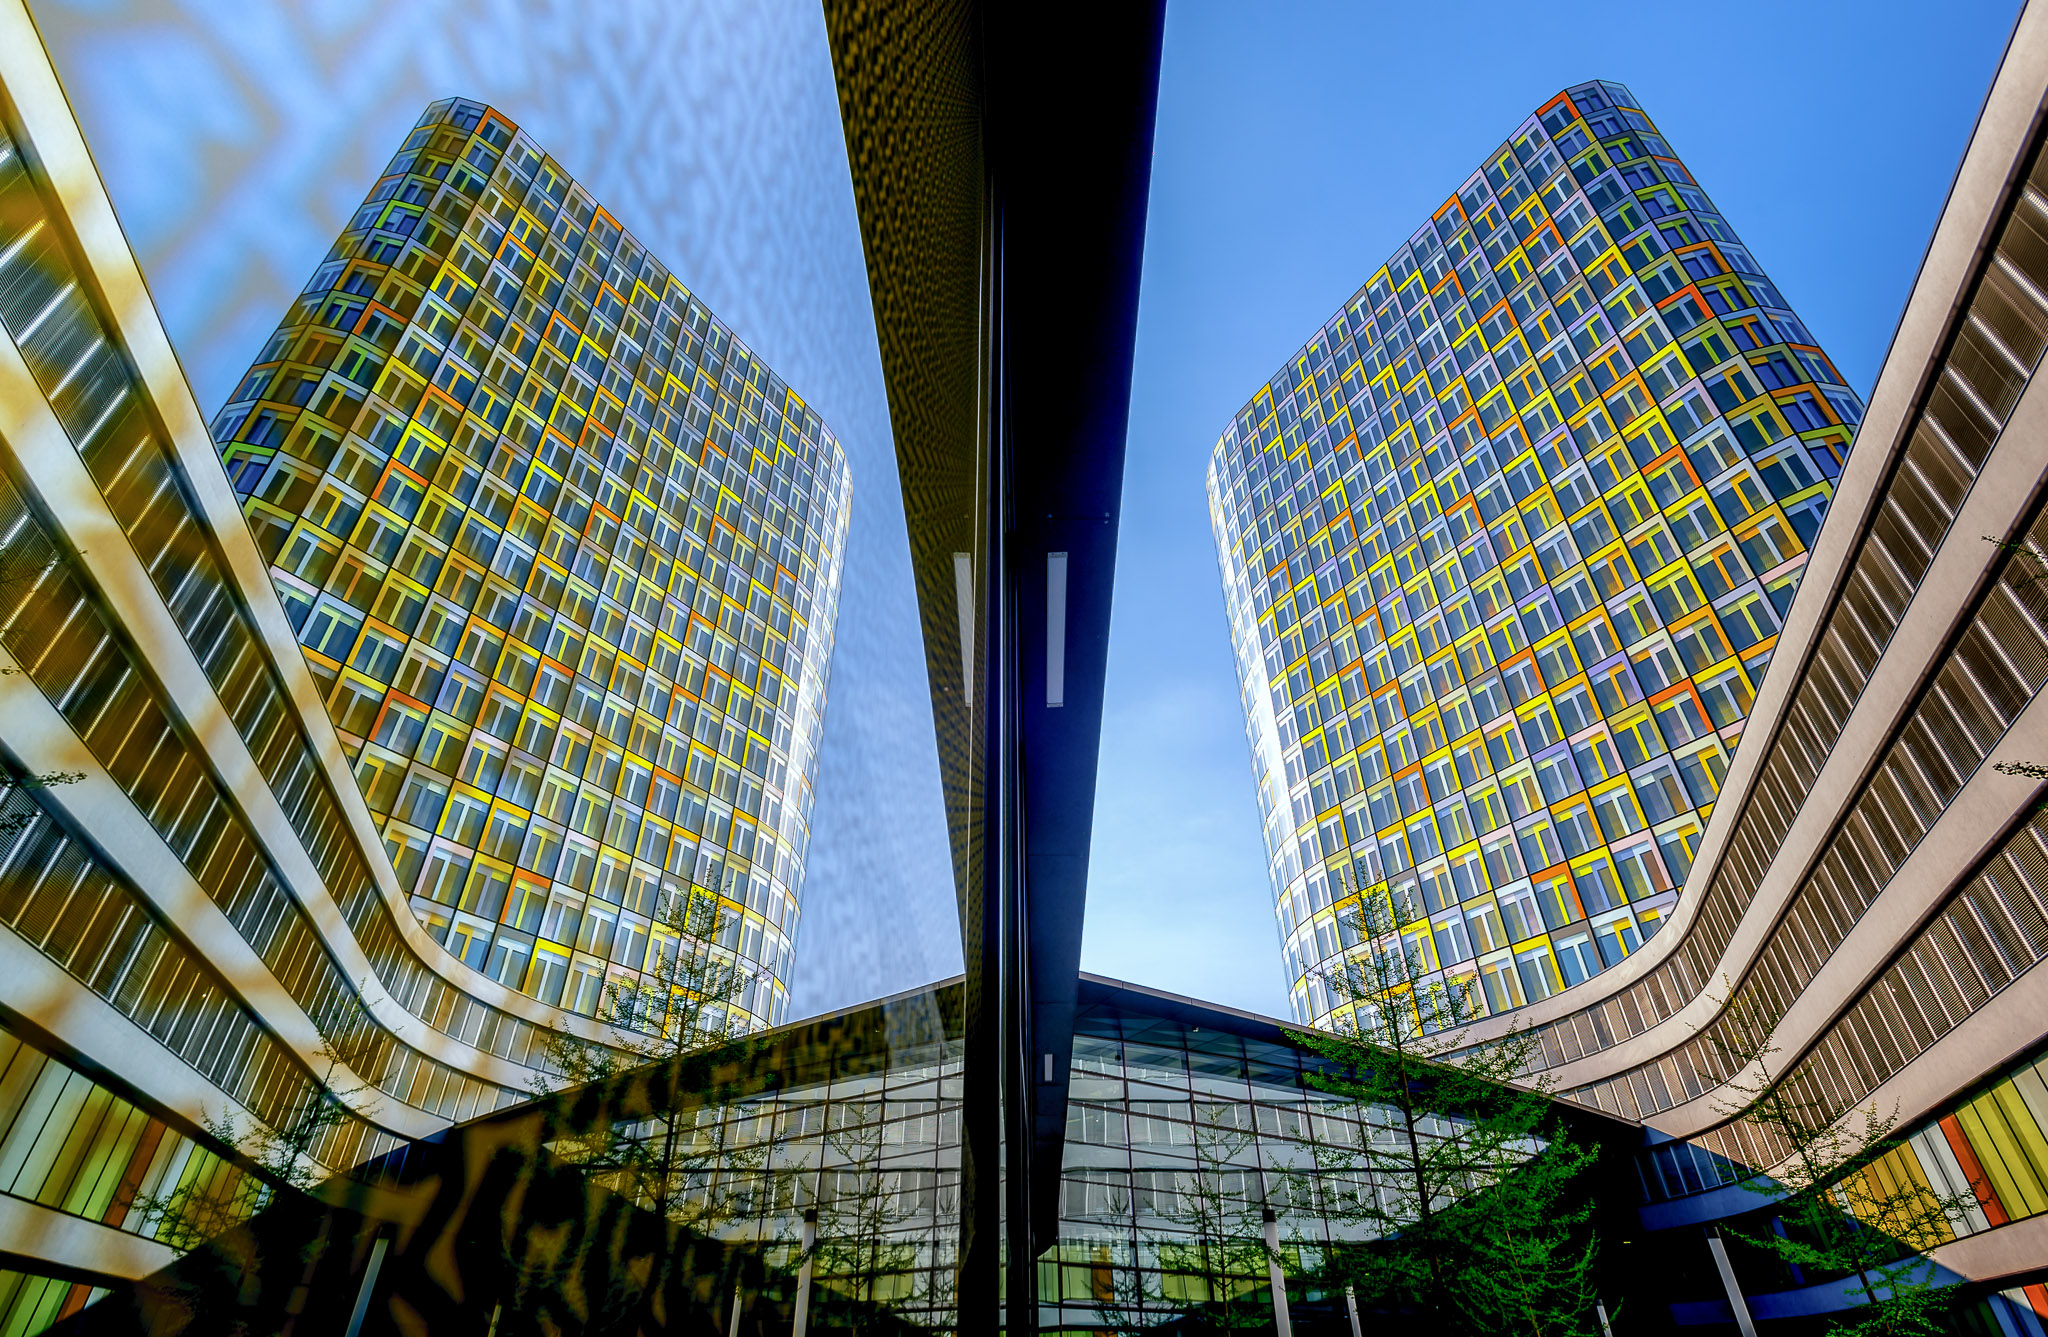 ADAC Zentrale, Germany